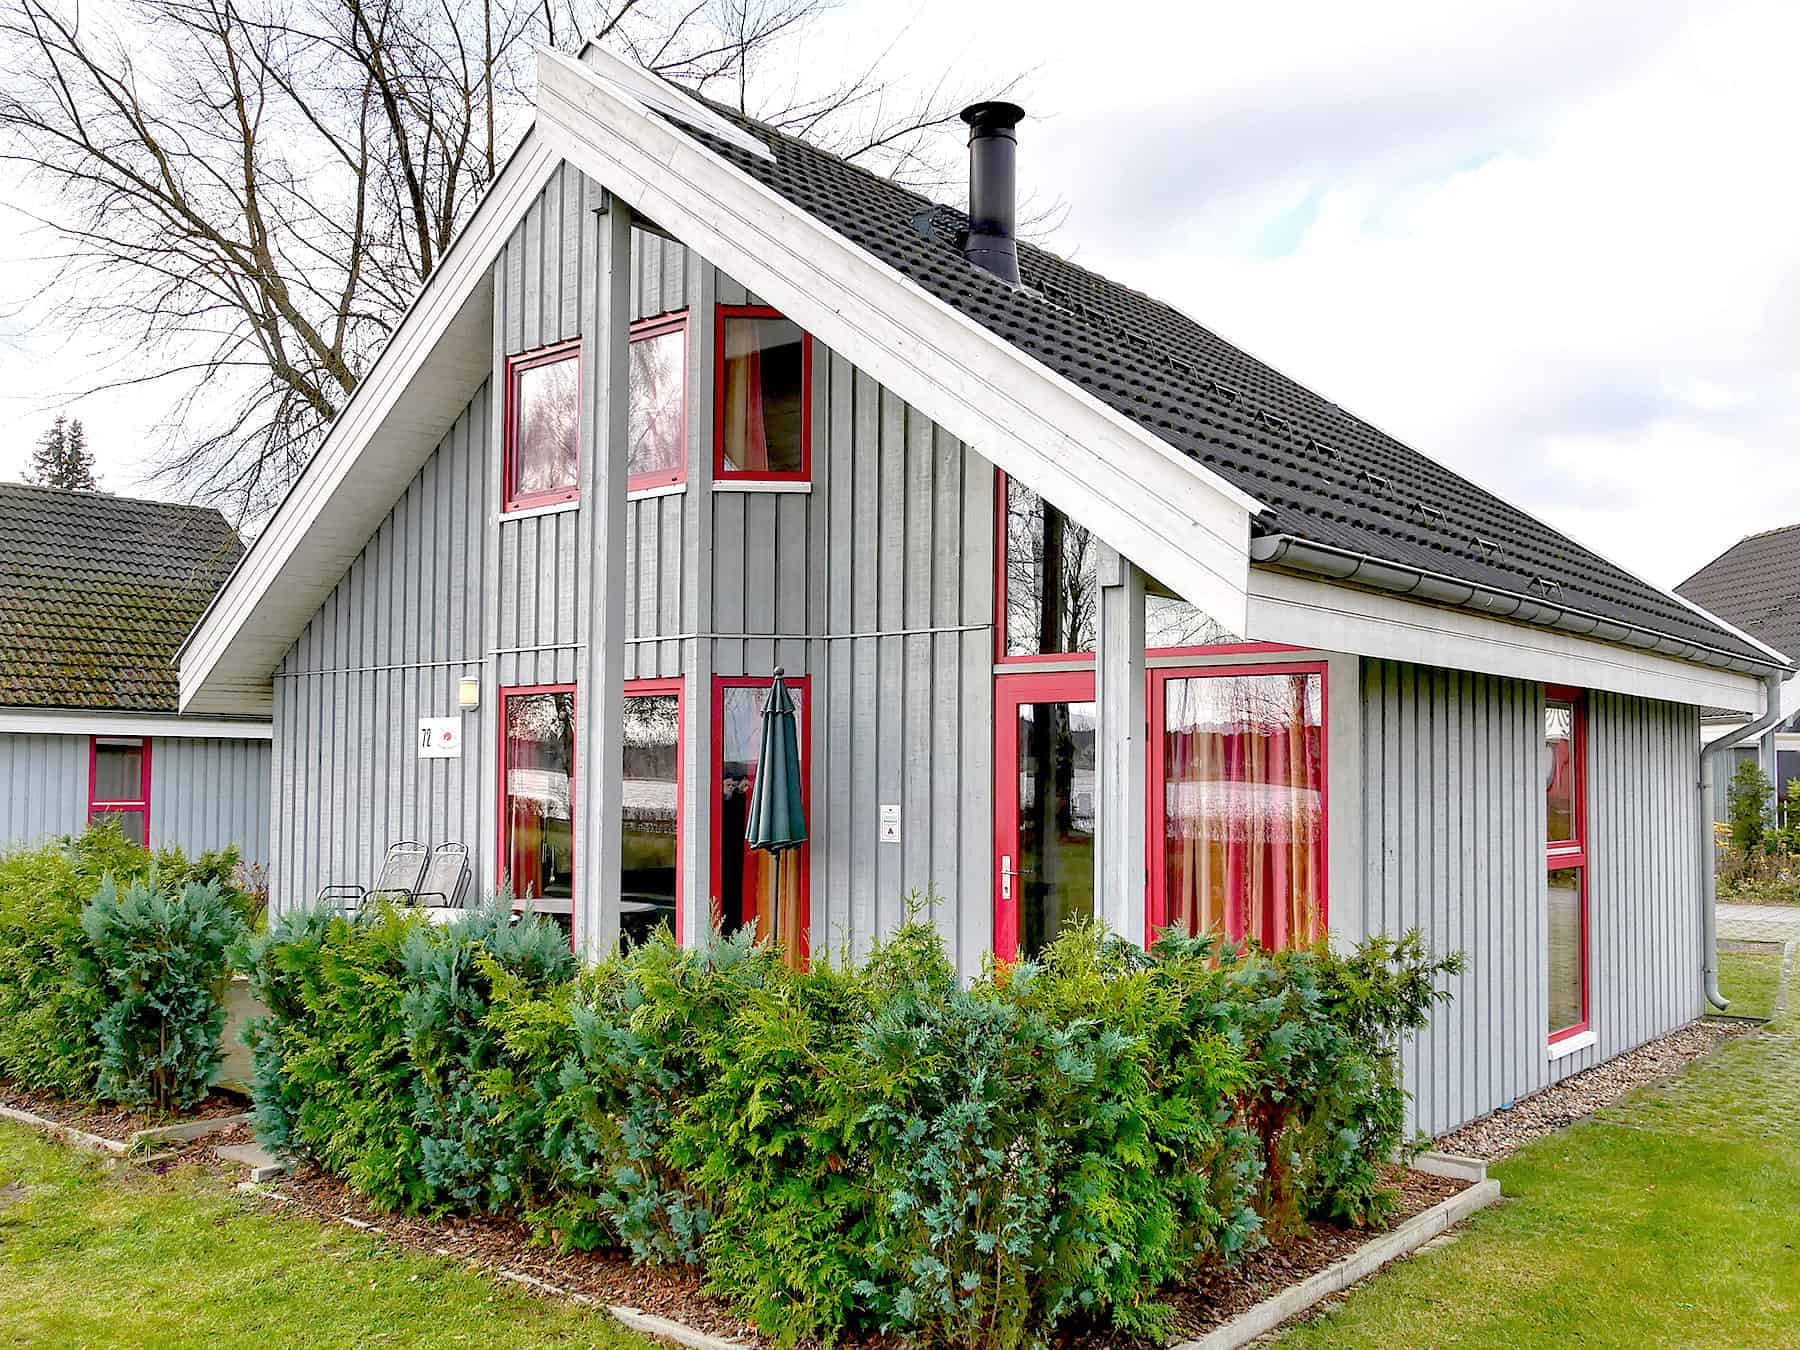 Ferienhaus Seeperle in Wendisch Rietz